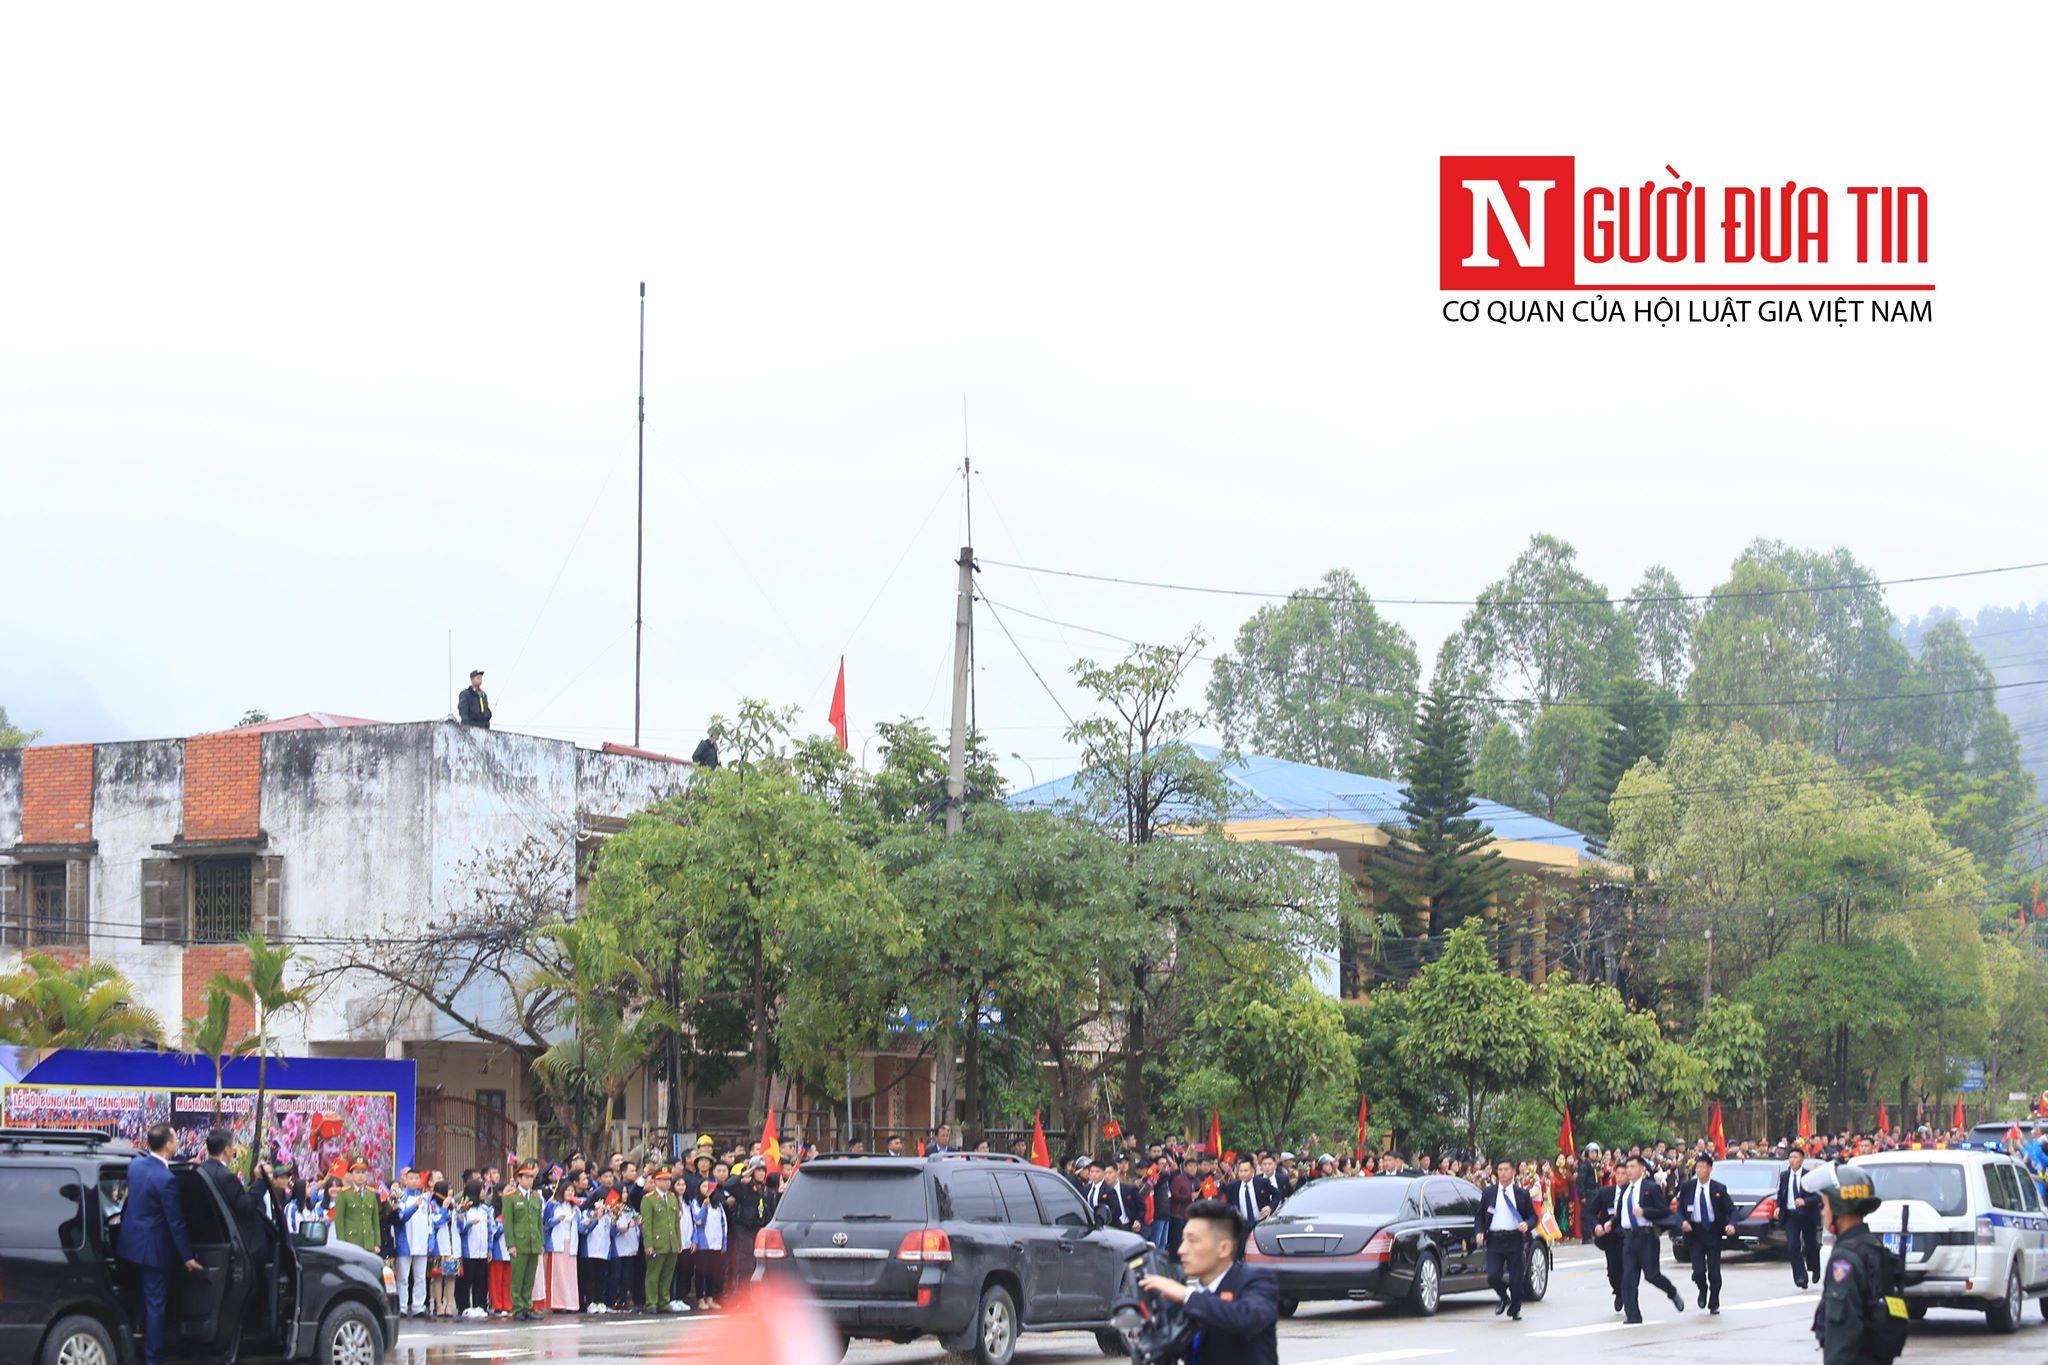 [Trực tiếp] Cận cảnh lực lượng an ninh dày đặc quanh khách sạn nơi Chủ tịch Kim Jong-un vừa có mặt - Ảnh 10